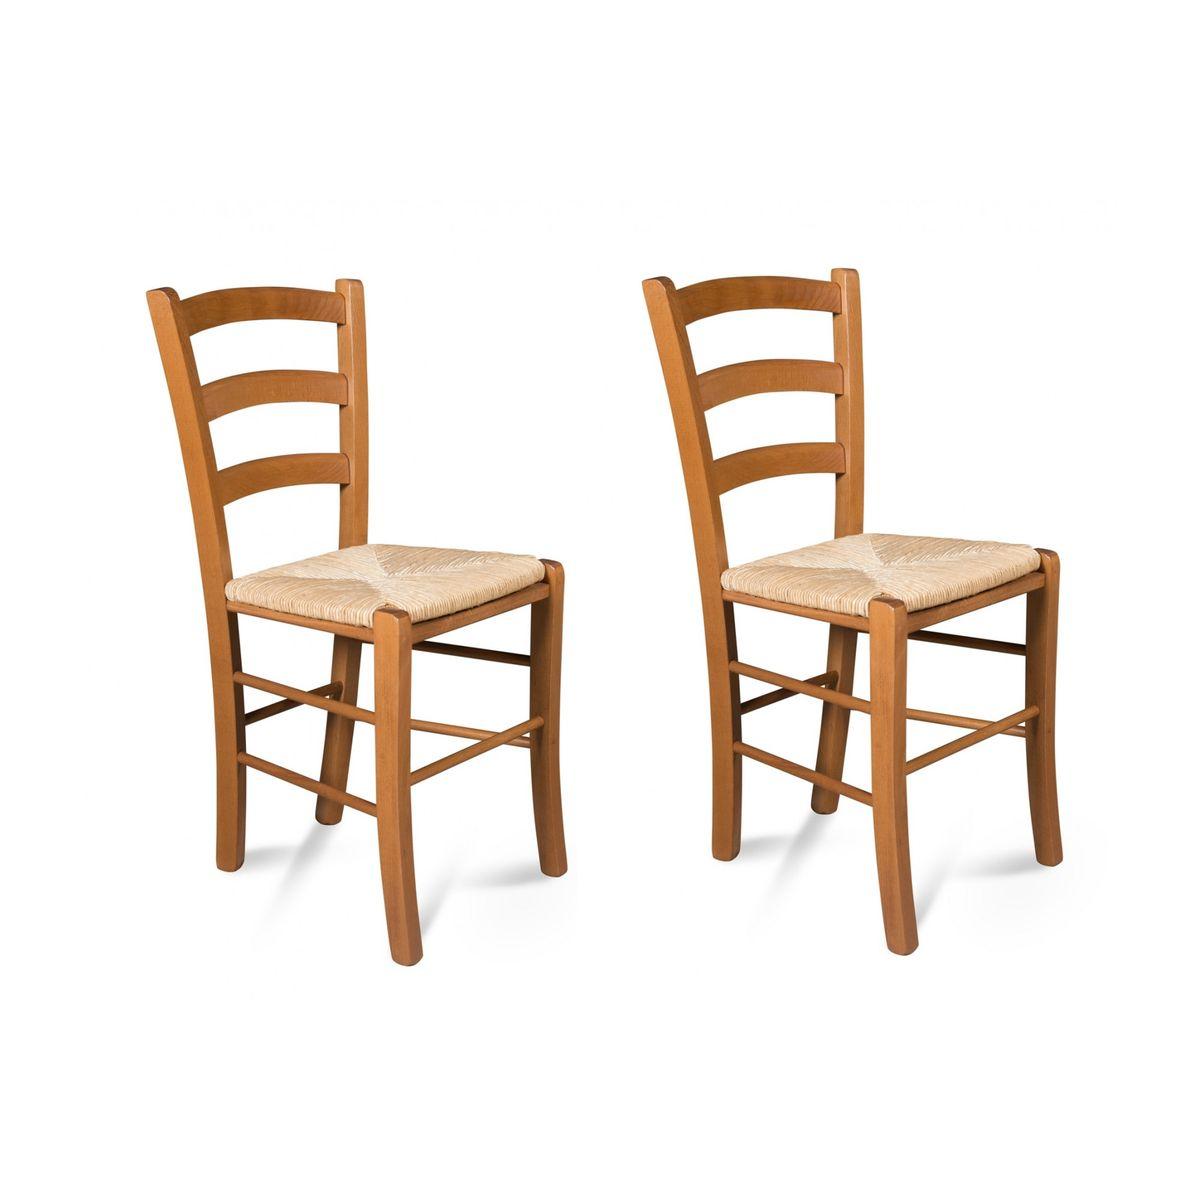 Chaises Bois Assise Paille Tina Lot De 2 Taille Taille Unique Chaises Bois Chaise Et Bois